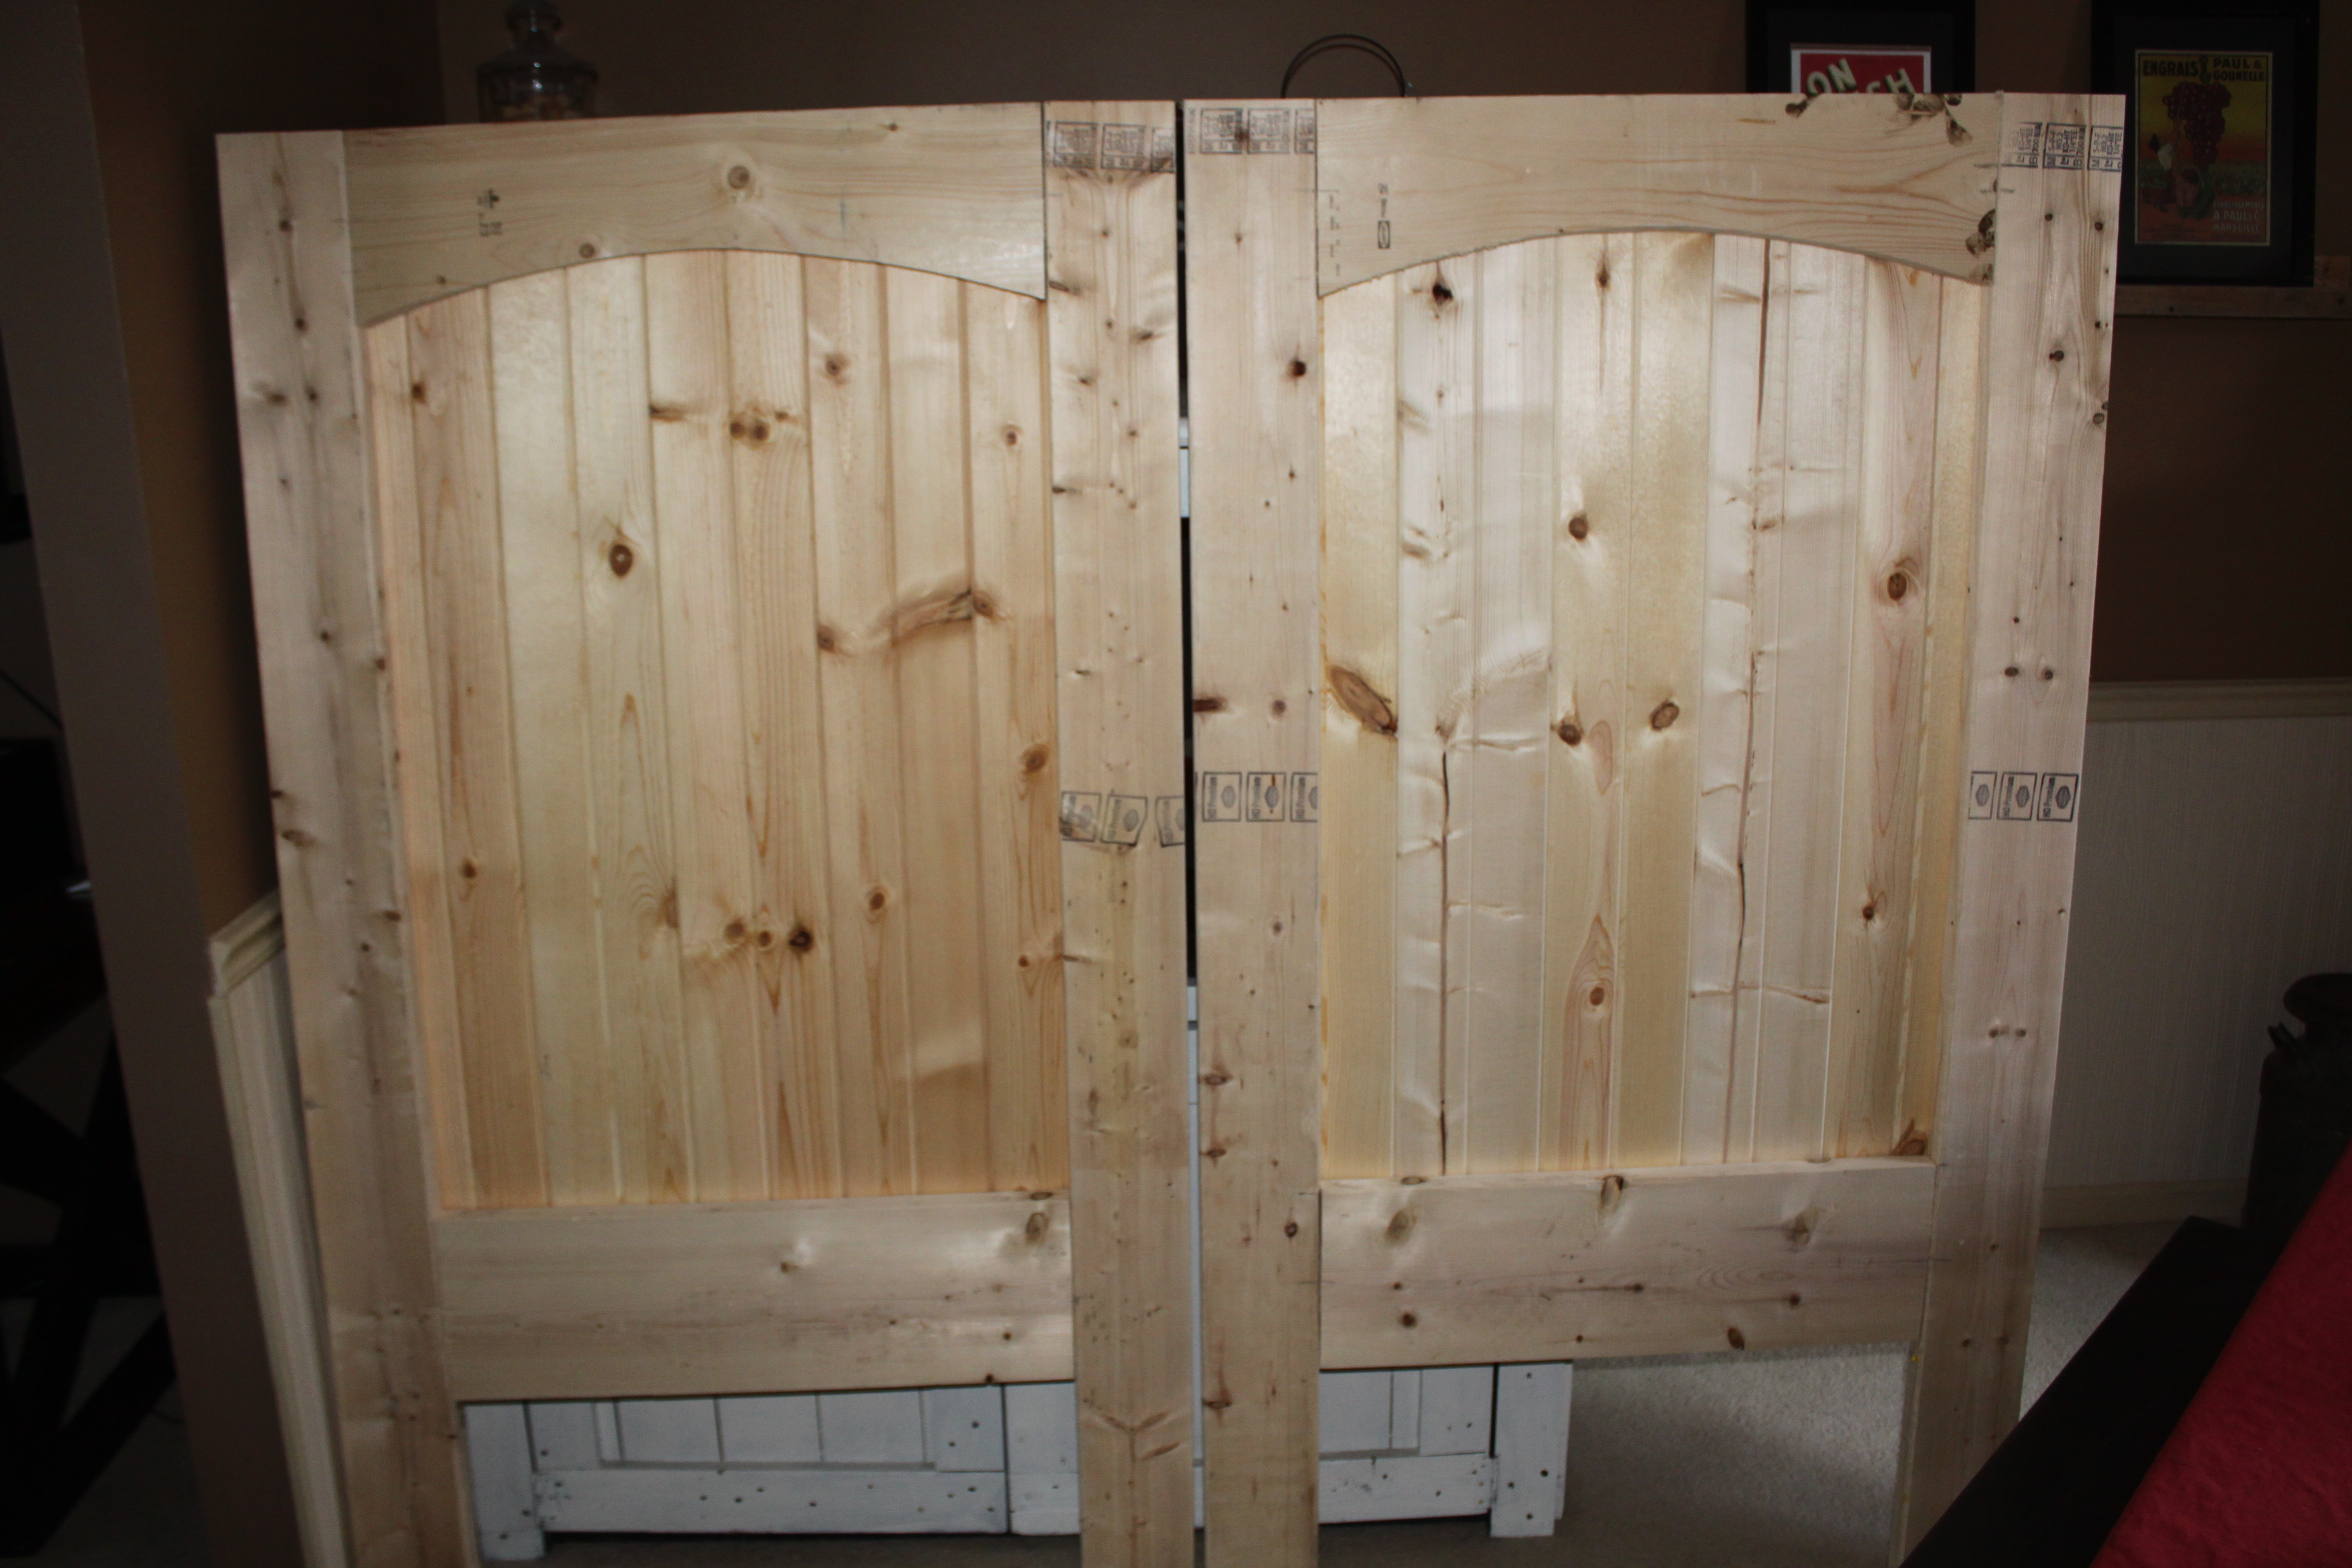 How To Build A Rustic Barn Door Headboard Old World